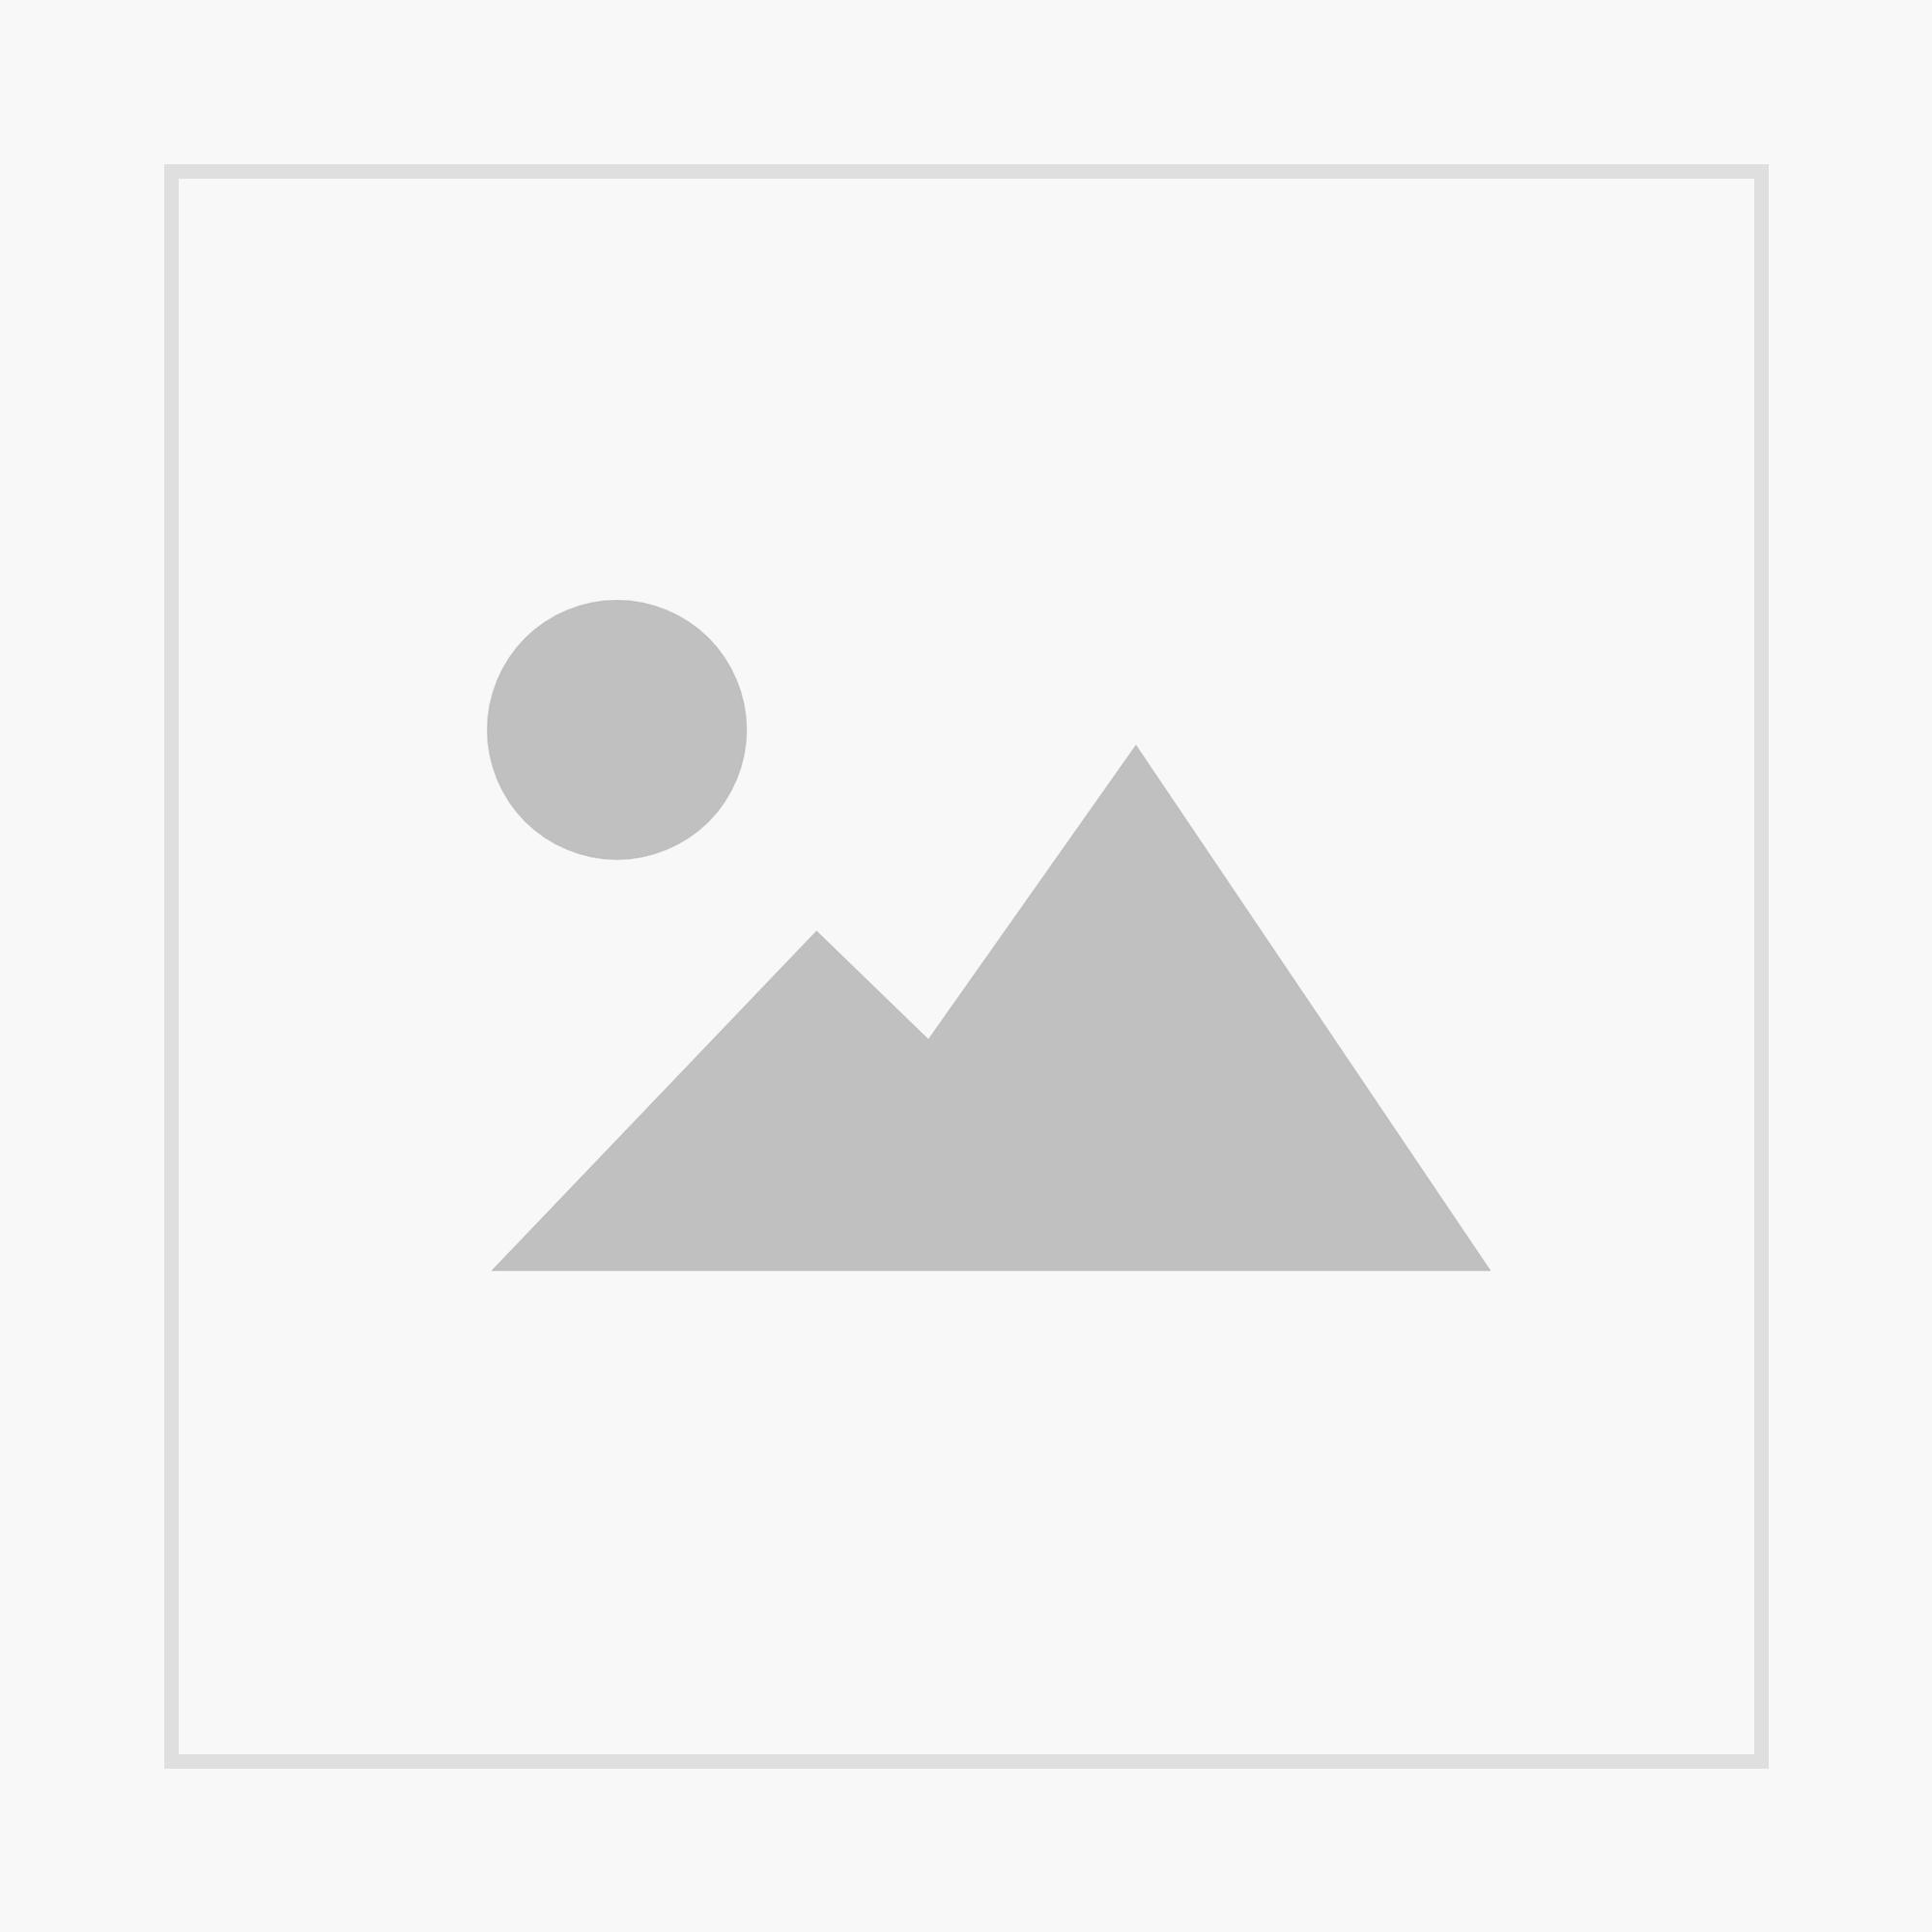 Bienen - nutzen, schützen, stärken